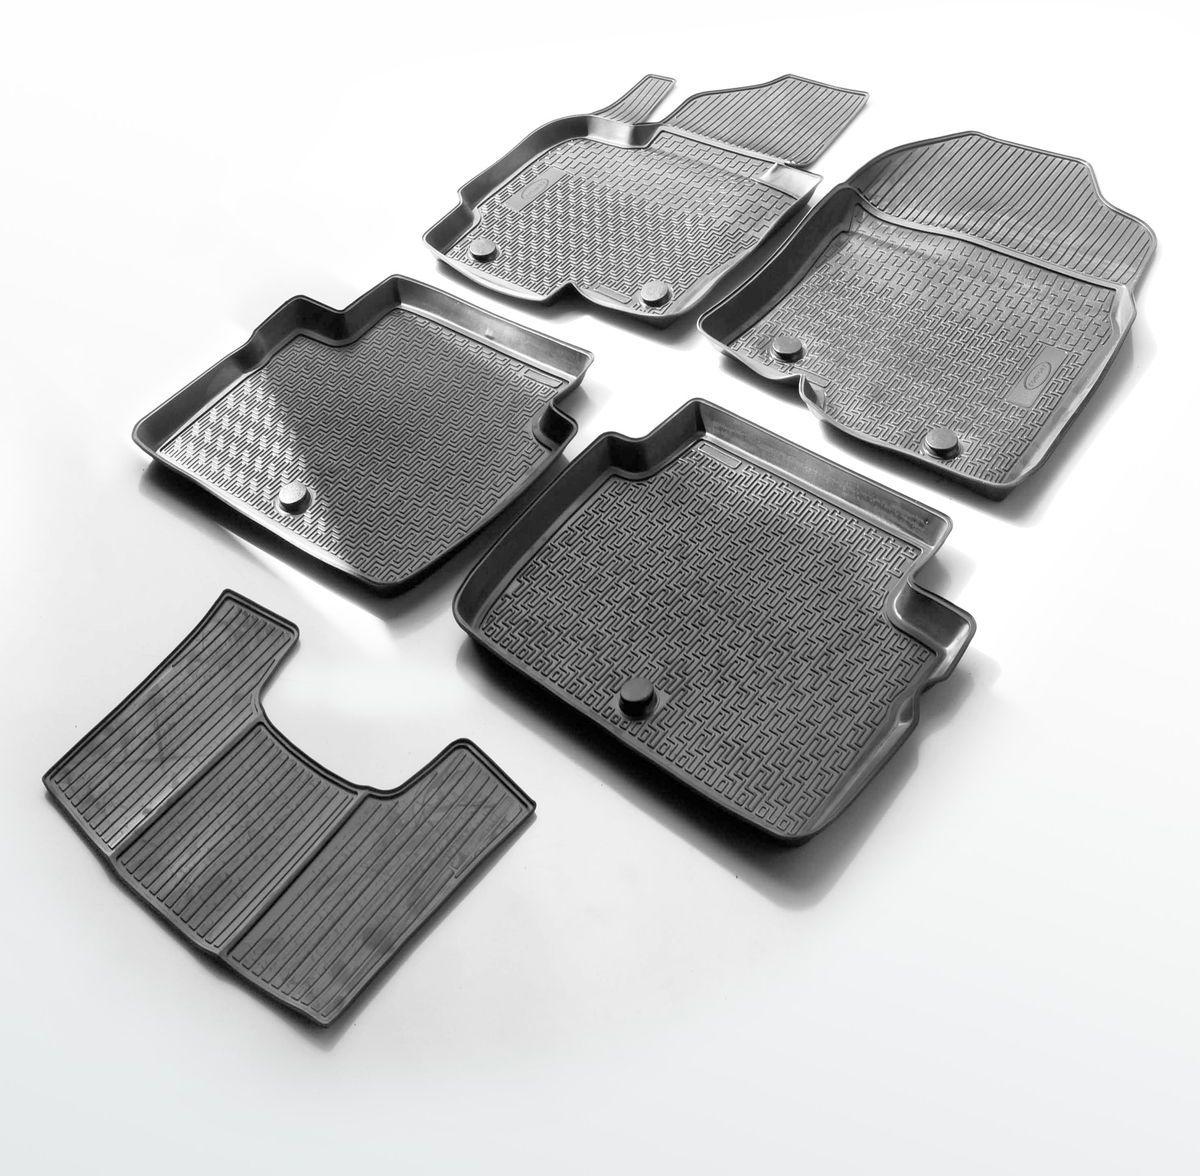 Ковры салона Rival для Nissan X-Trail 2011-2015, 4 шт + перемычка0014109002Автомобильные ковры салона Rival Прочные и долговечные ковры в салон автомобиля, изготовлены из высококачественного и экологичного сырья, полностью повторяют геометрию салона вашего автомобиля. - Надежная система крепления, позволяющая закрепить коврик на штатные элементы фиксации, в результате чего отсутствует эффект скольжения по салону автомобиля. - Высокая стойкость поверхности к стиранию. - Специализированный рисунок и высокий борт, препятствующие распространению грязи и жидкости по поверхности ковра. - Перемычка задних ковров в комплекте предотвращает загрязнение тоннеля карданного вала. - Произведены из первичных материалов, в результате чего отсутствует неприятный запах в салоне автомобиля. - Высокая эластичность, можно беспрепятственно эксплуатировать при температуре от -45 ?C до +45 ?C.